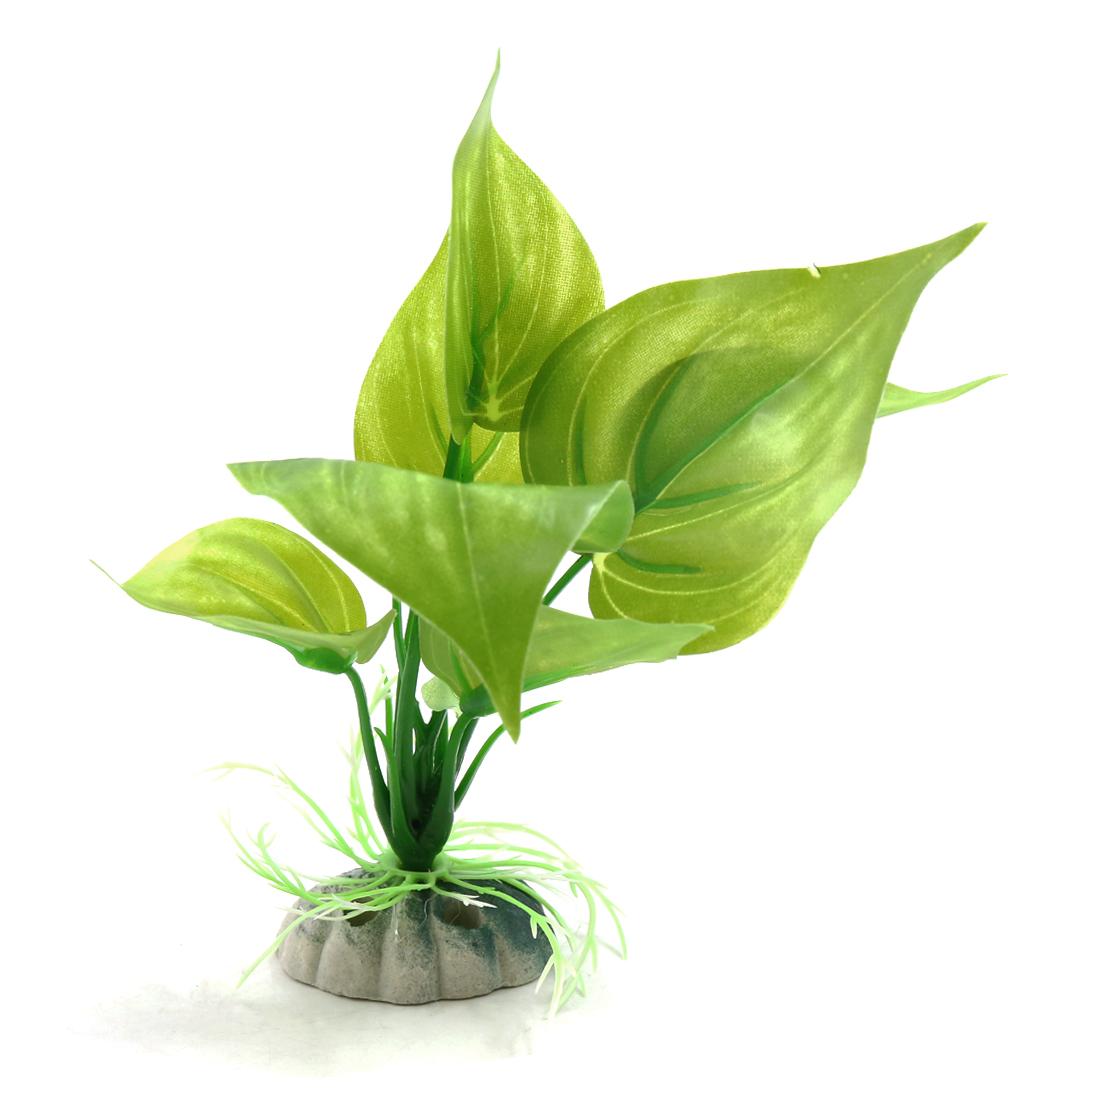 Green Plastic Aquatic Leaves Plant Aquarium Tank Waterscape Decorative Ornaments